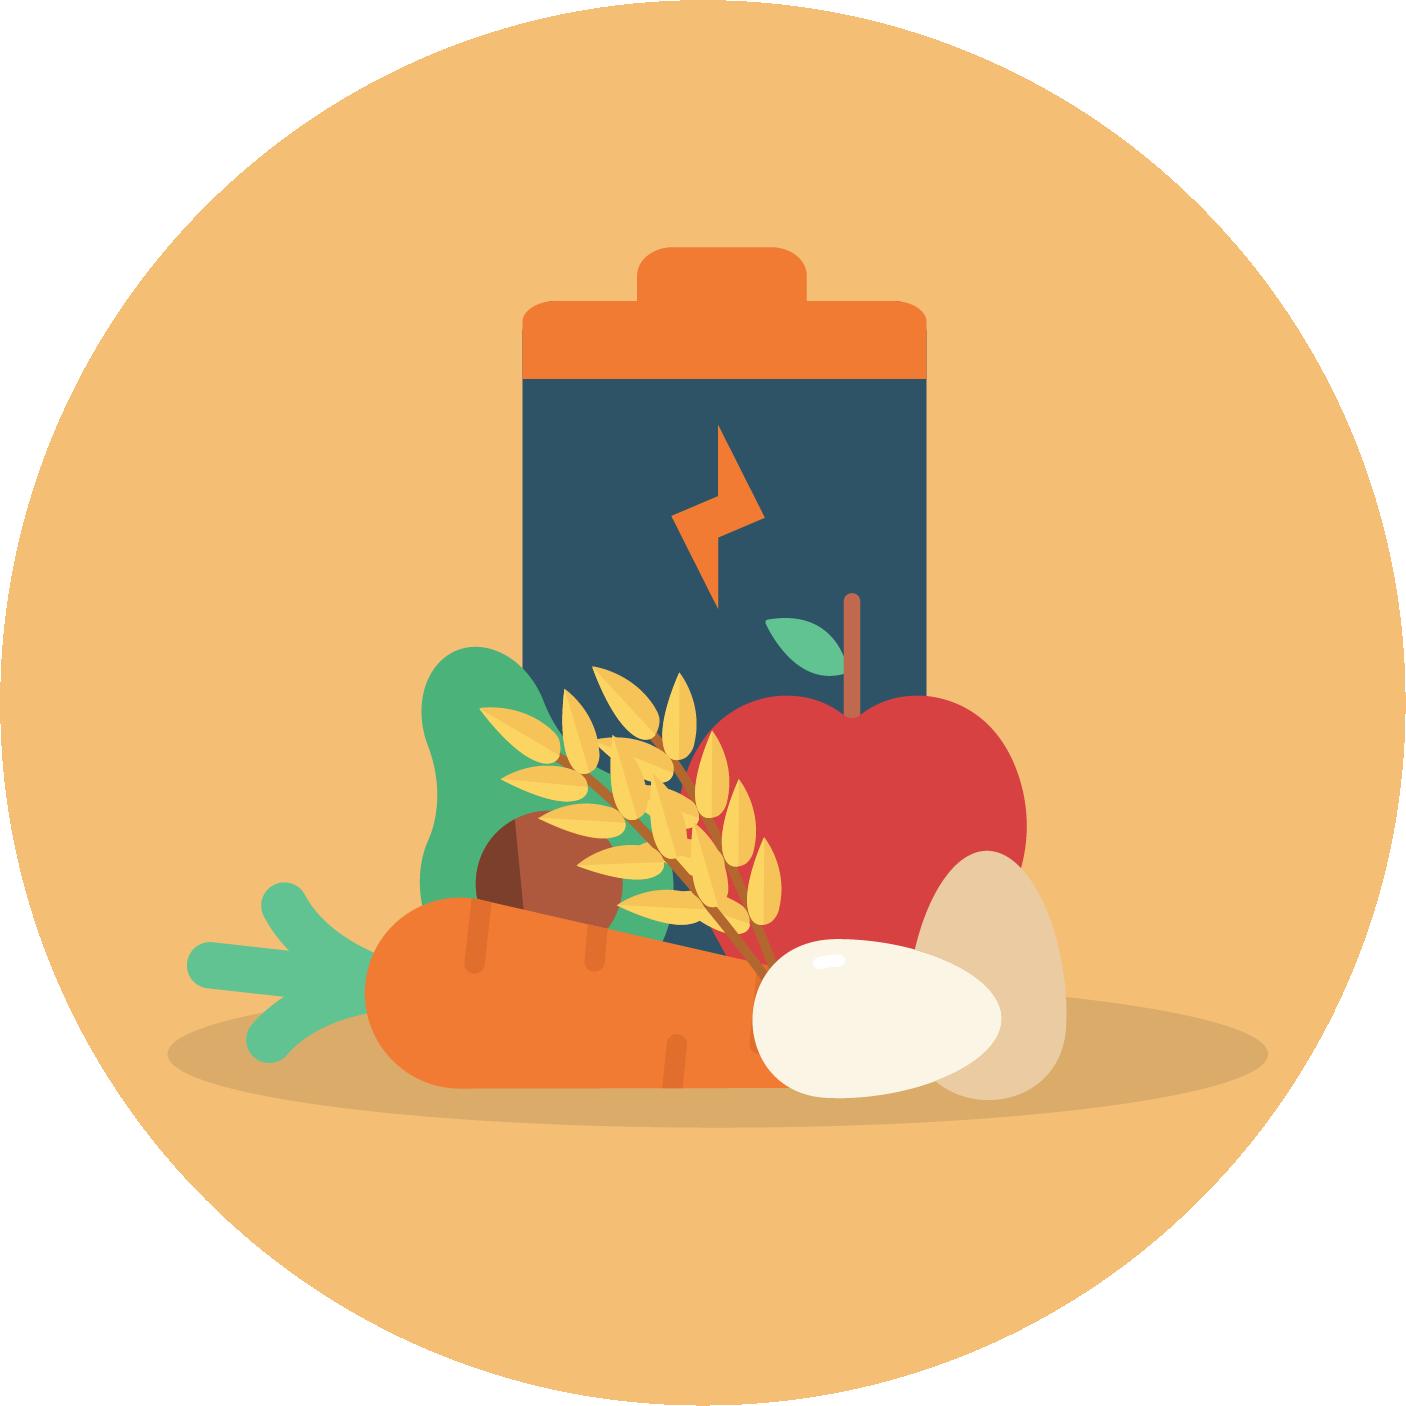 maak-van-voeding-voedzaam-feestje